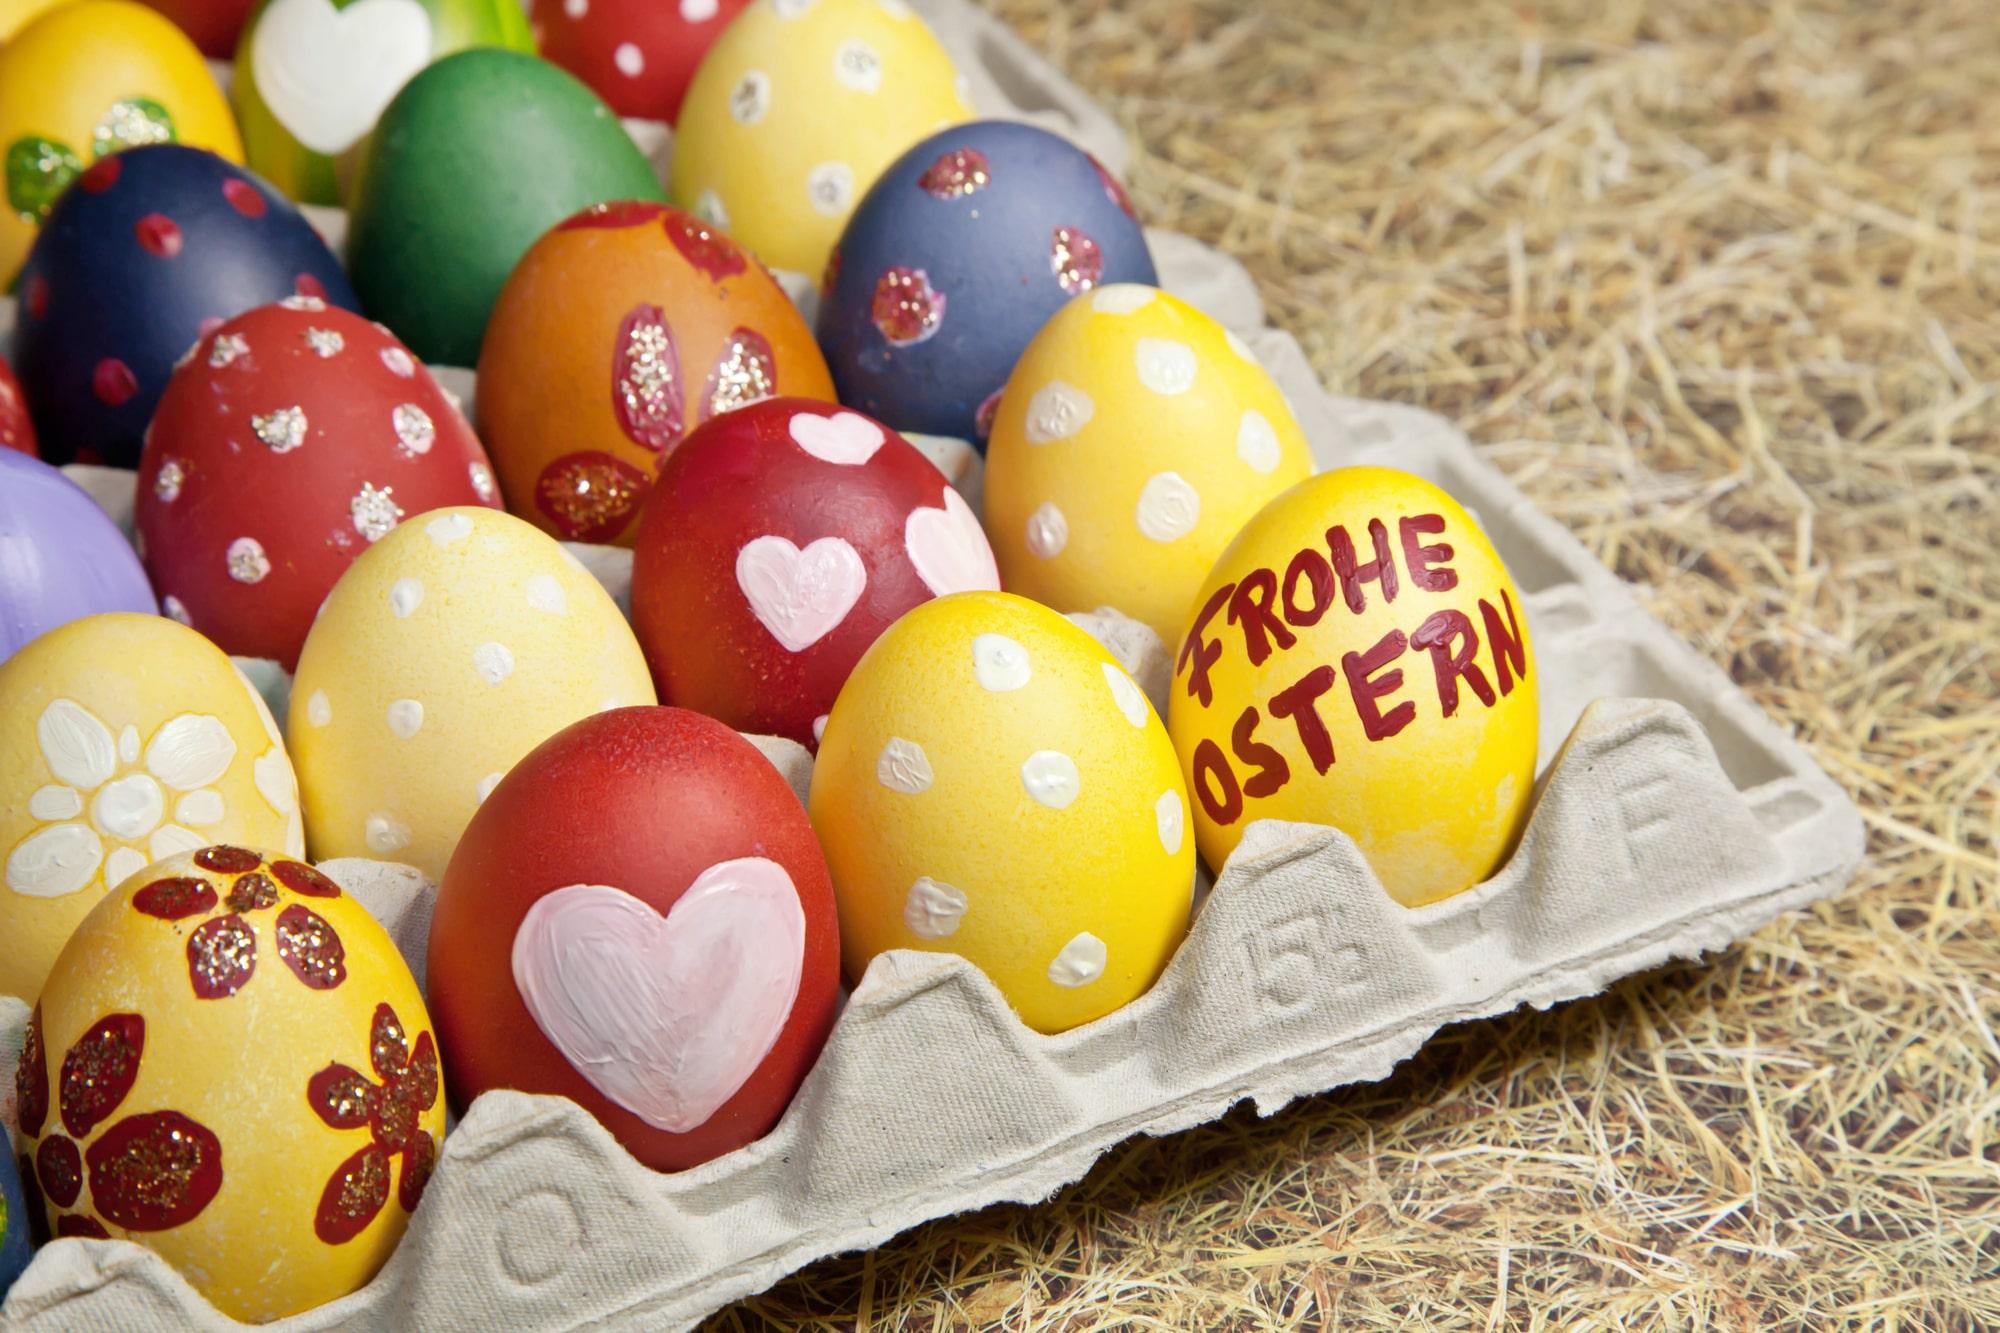 selbstgemachte Ostergeschenke als bunte Eier